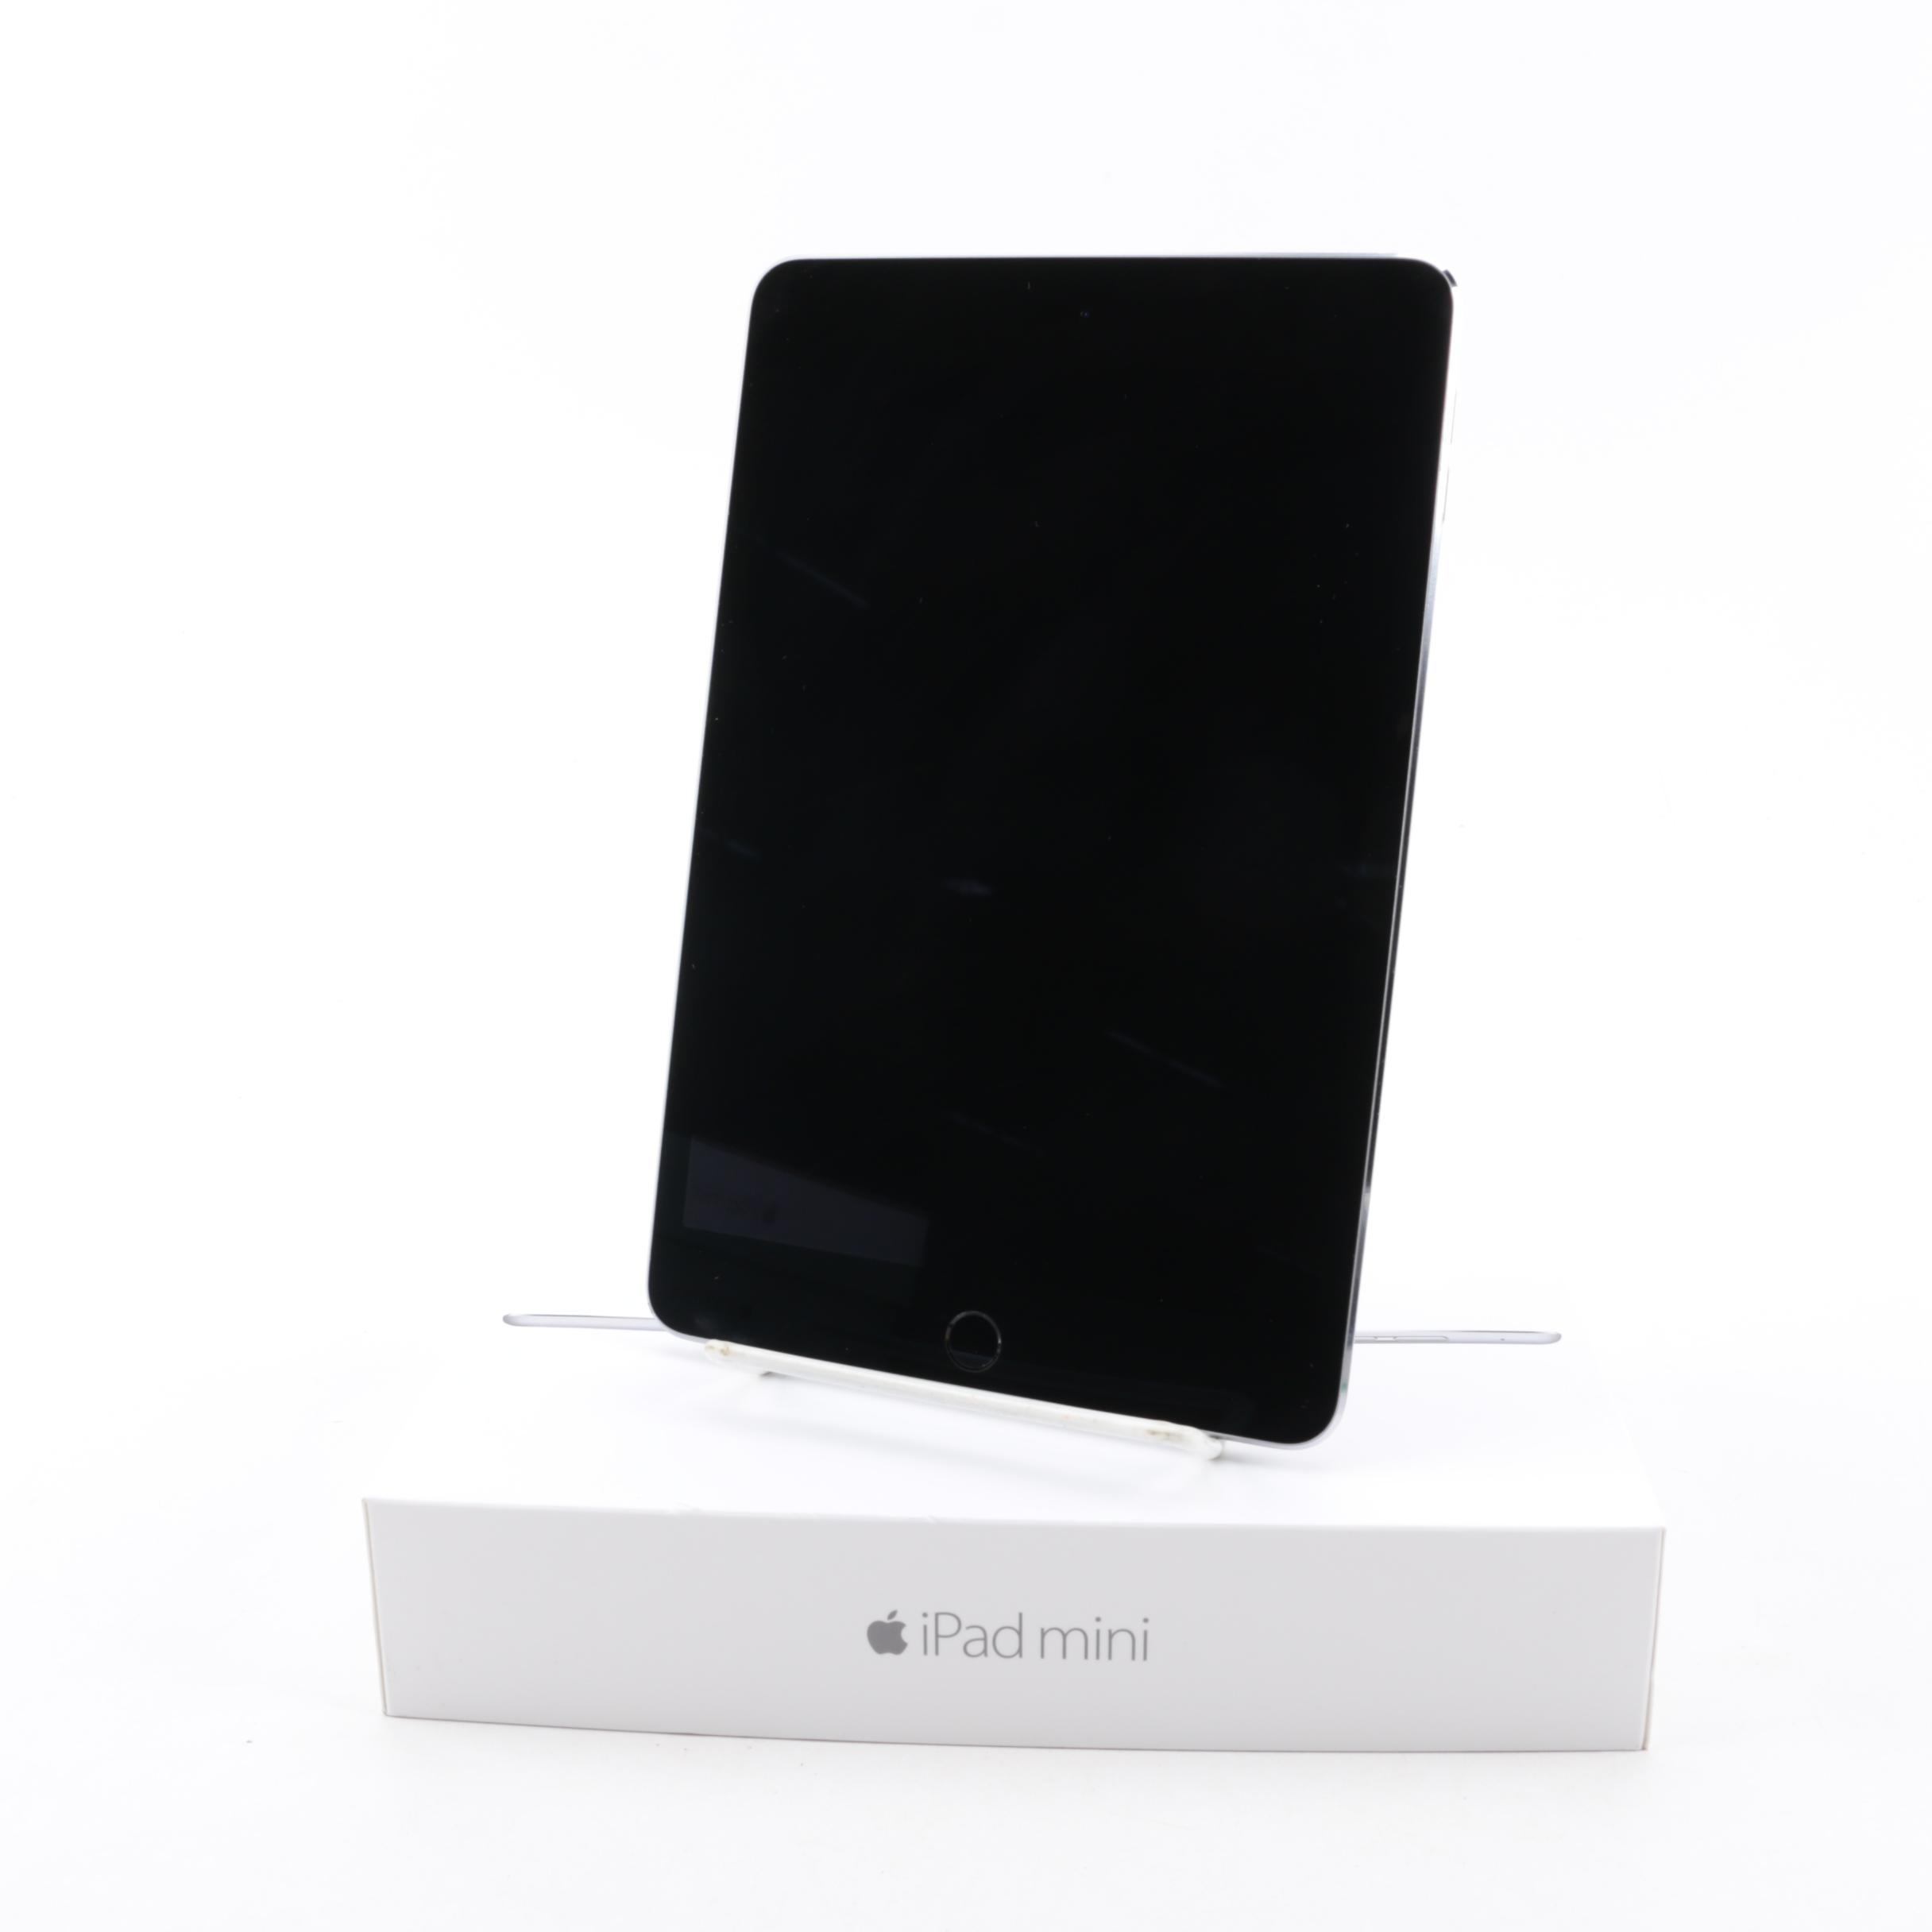 Apple iPad Mini 4 Wi-Fi 128 GB Tablet